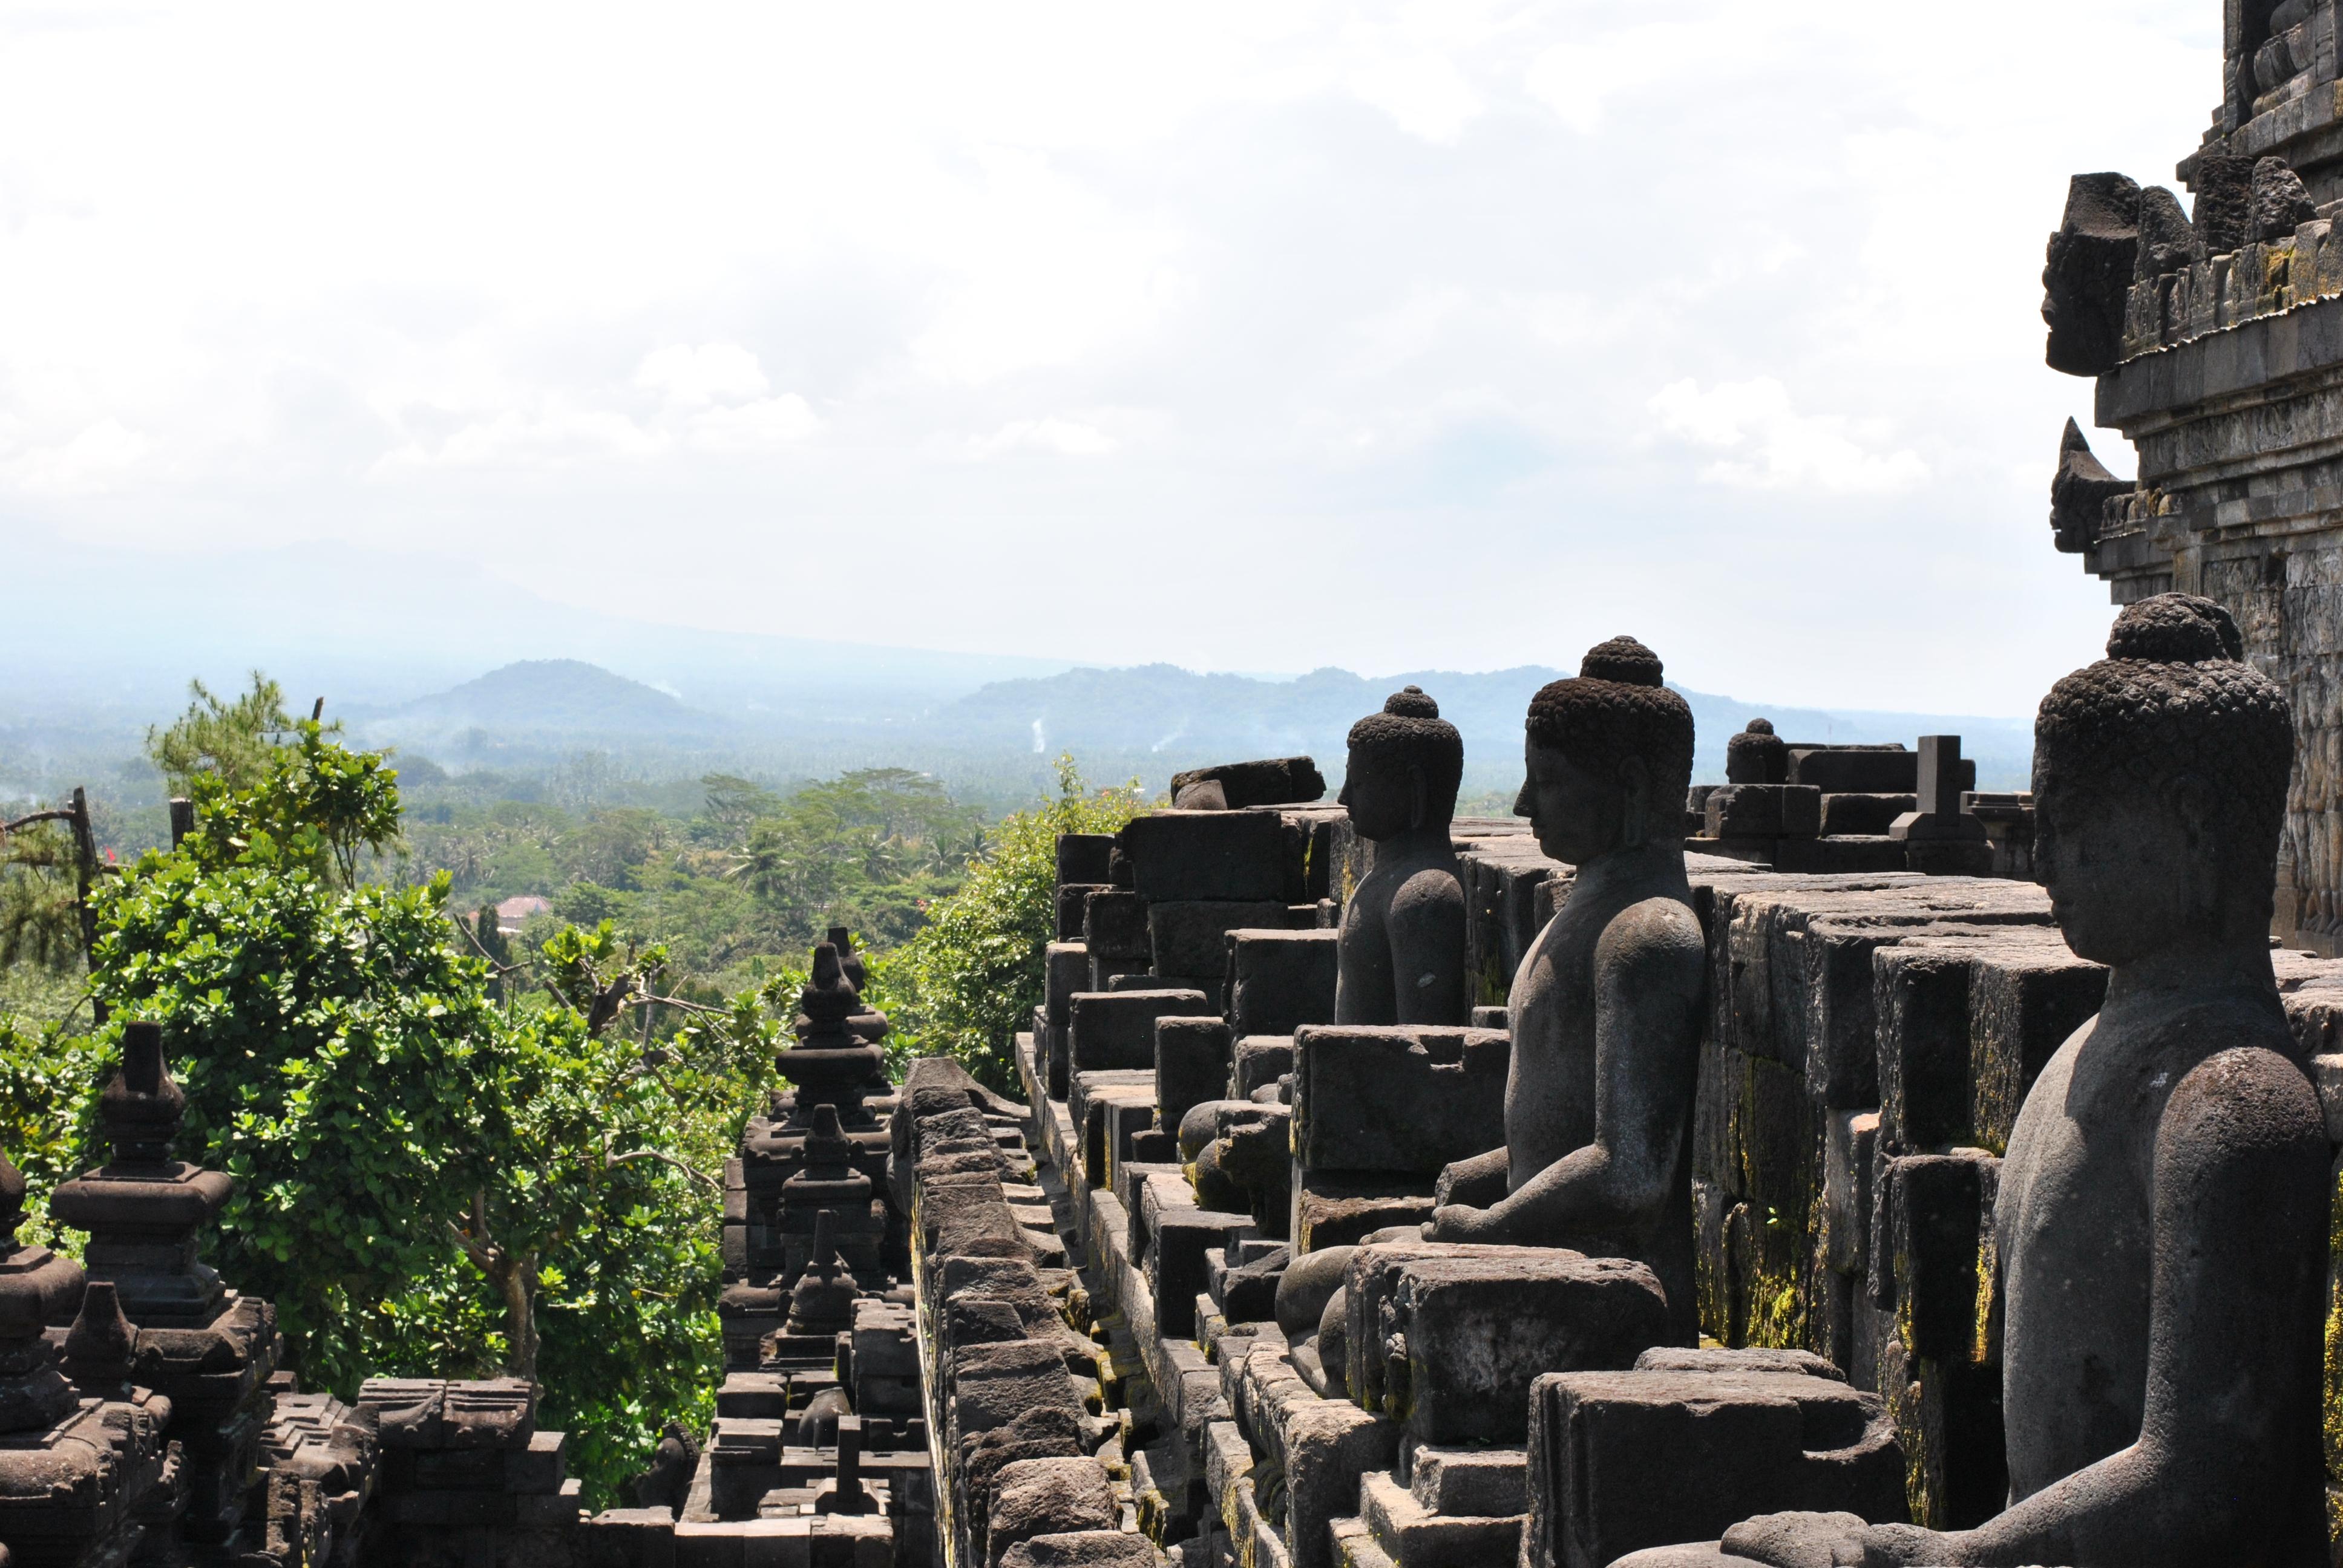 Gewaltiger Tempel Borobudur und Katzenkaffee [INDO]